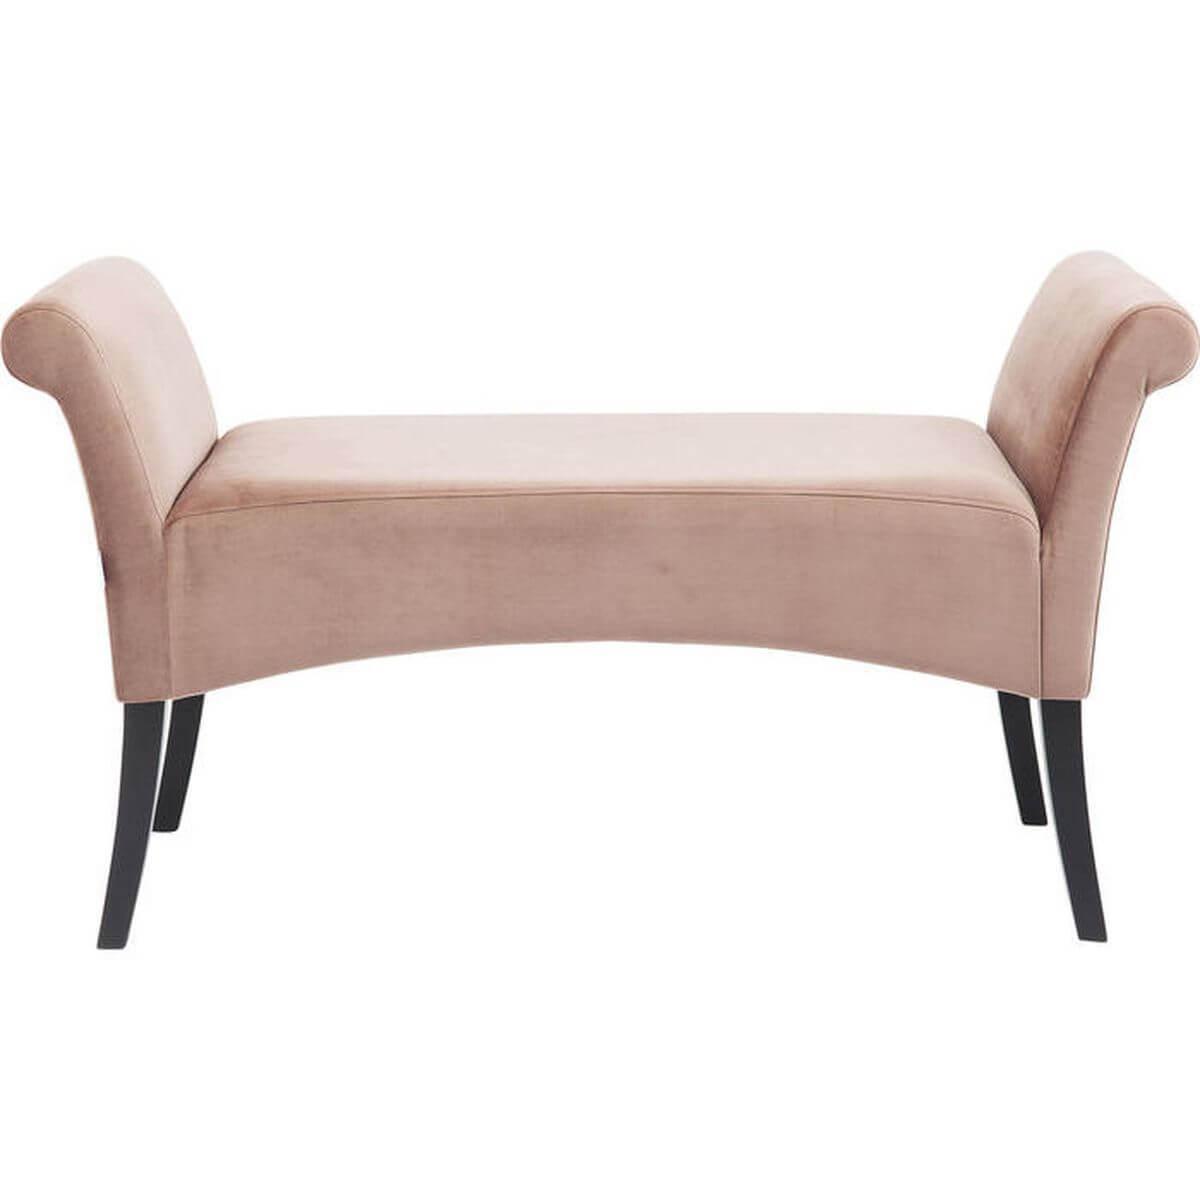 Banquette MOTLEY VELVET Kare Design rose